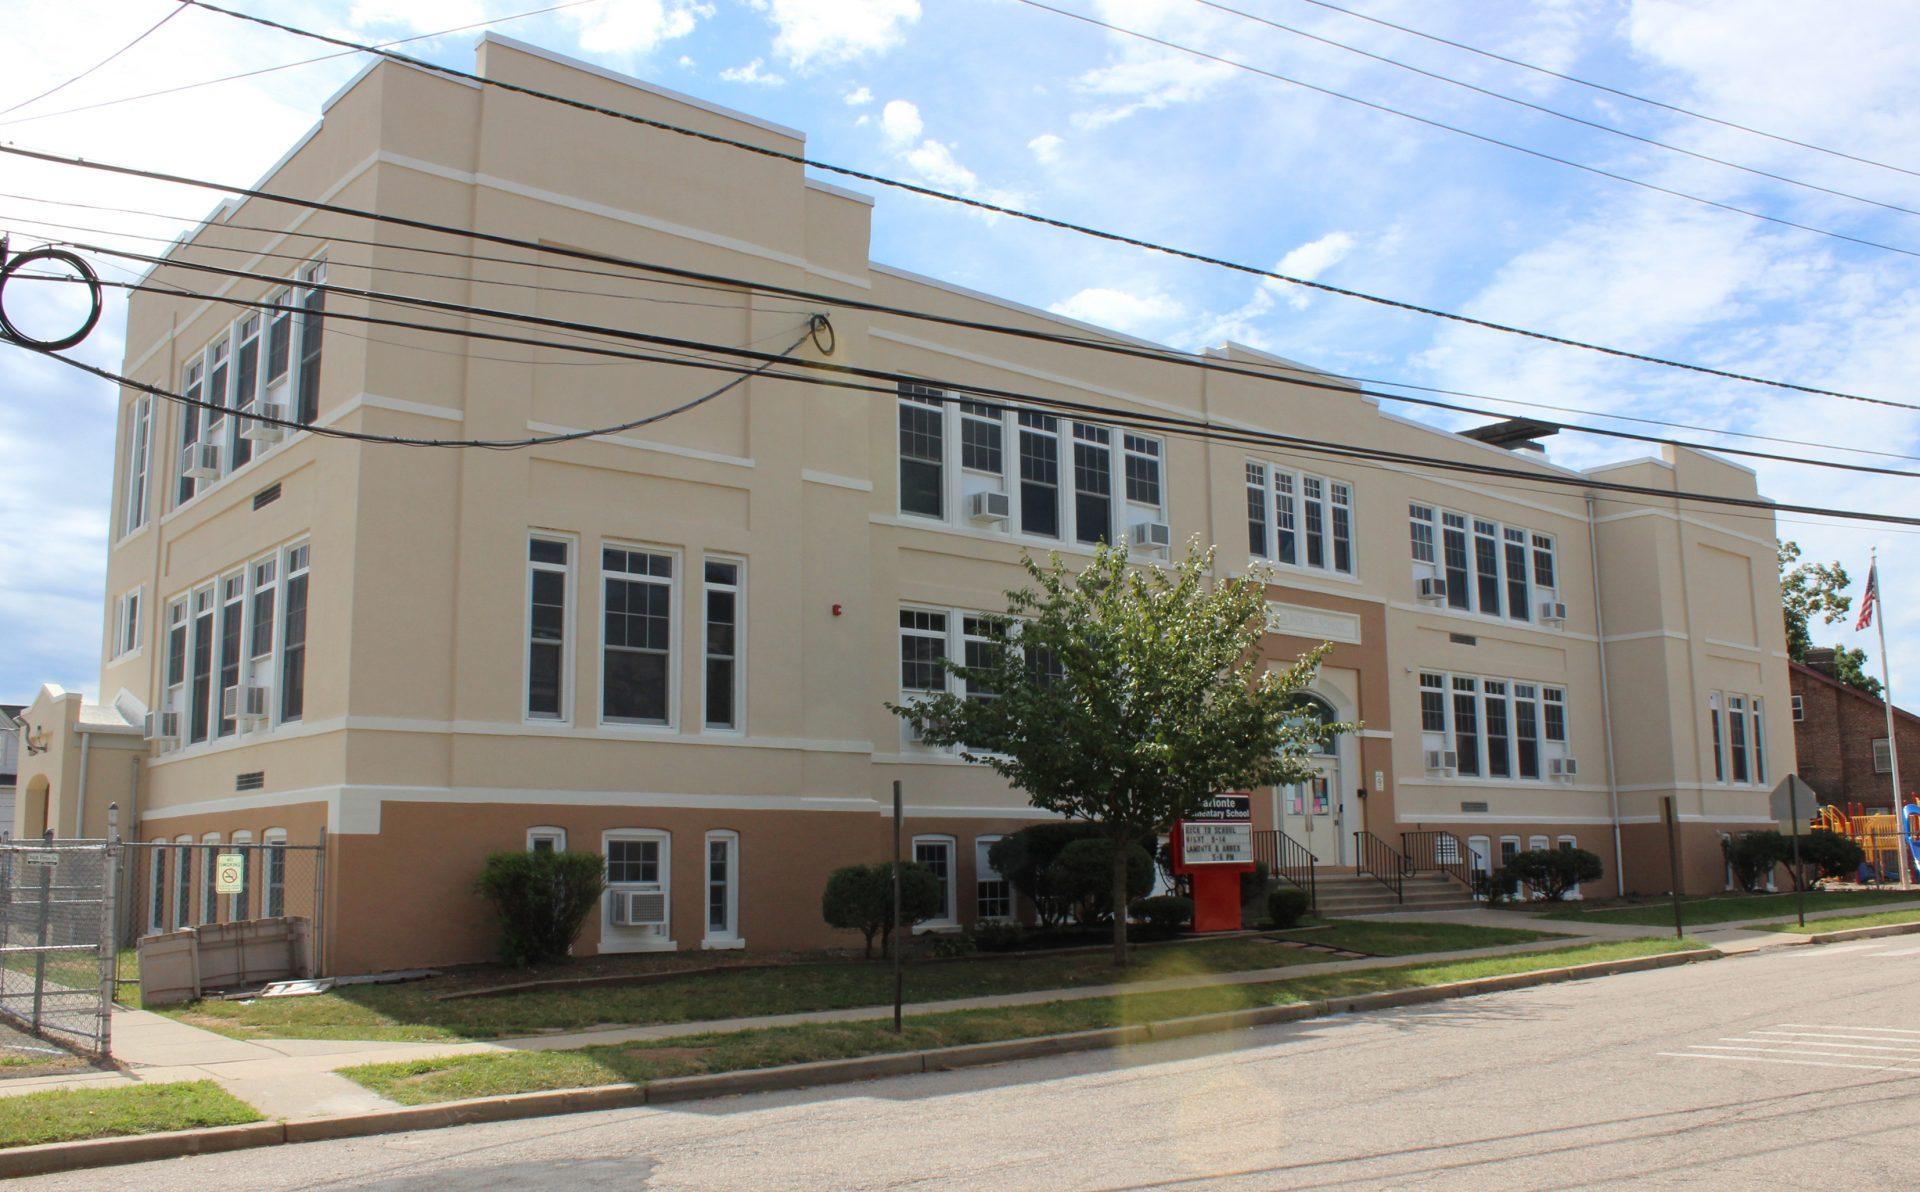 Bound Brook School District